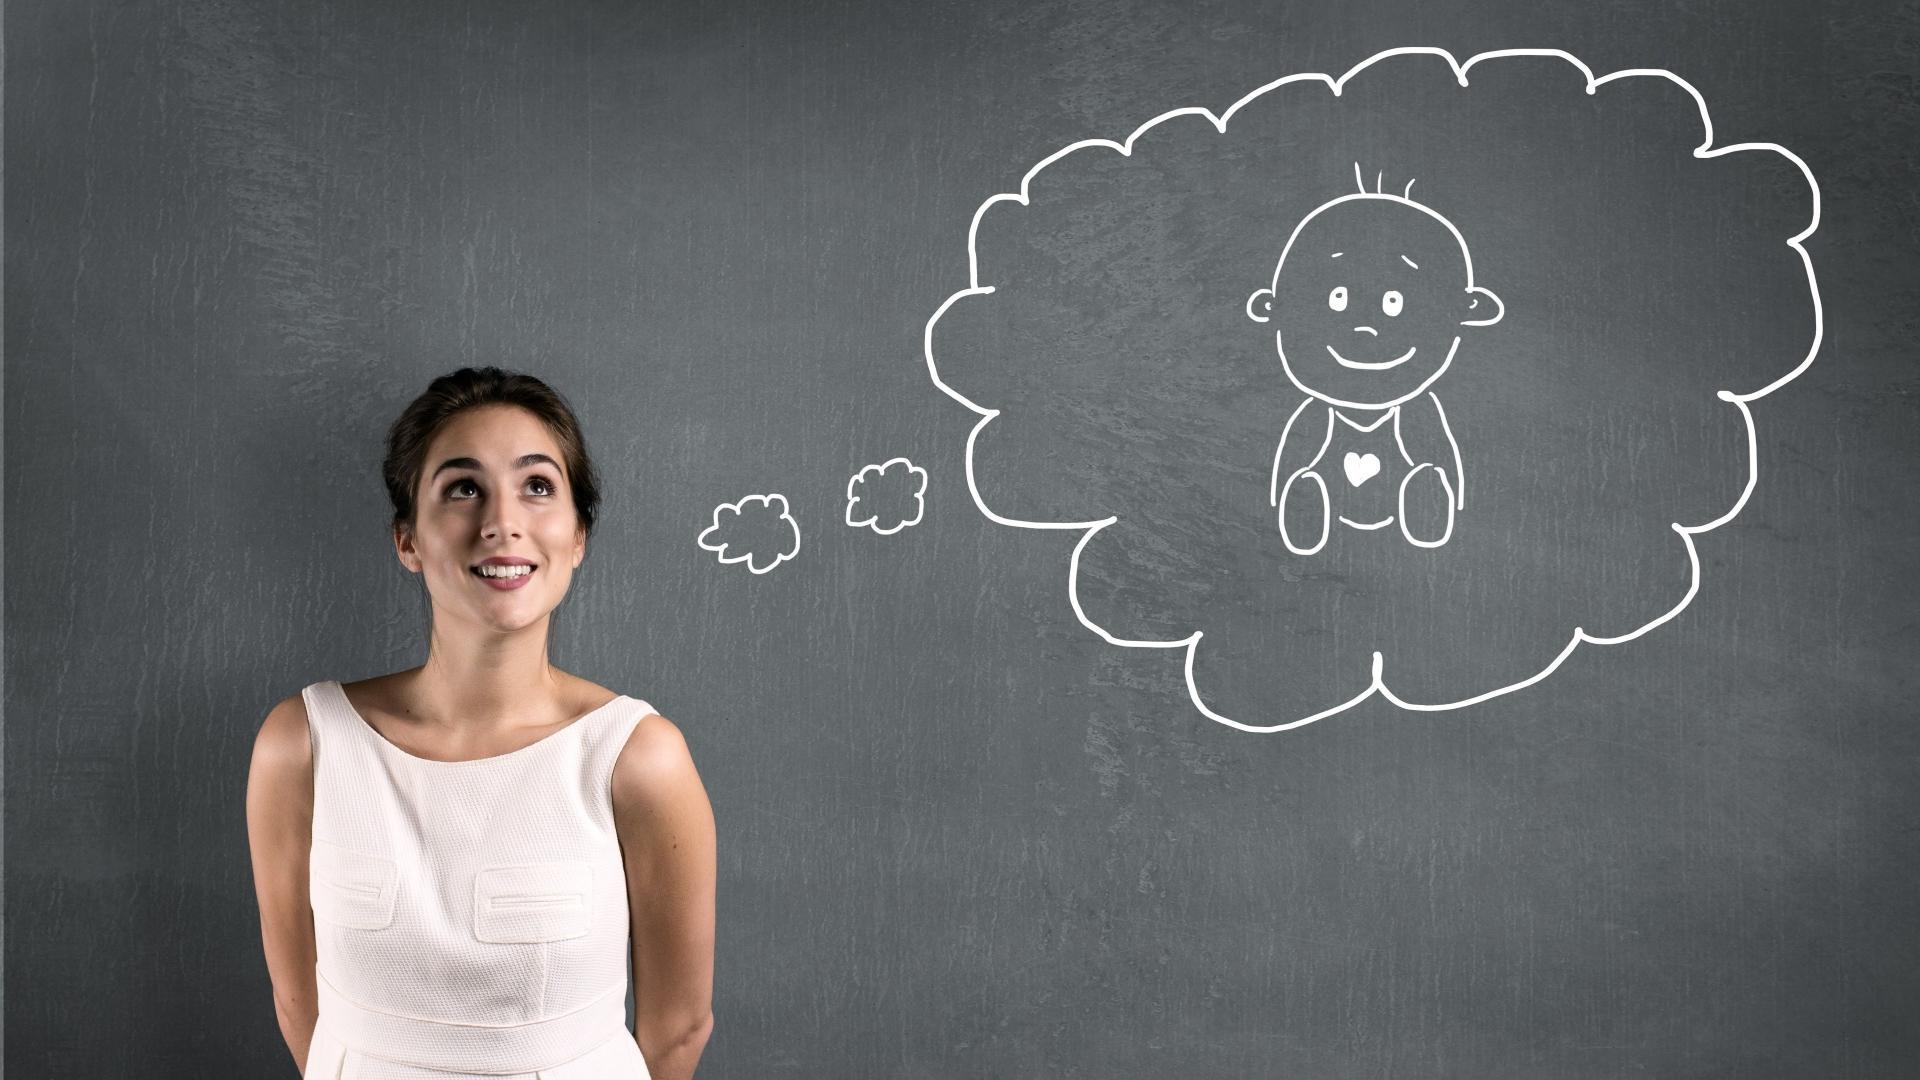 Секвенирование может прогнозировать заболевания новорожденных